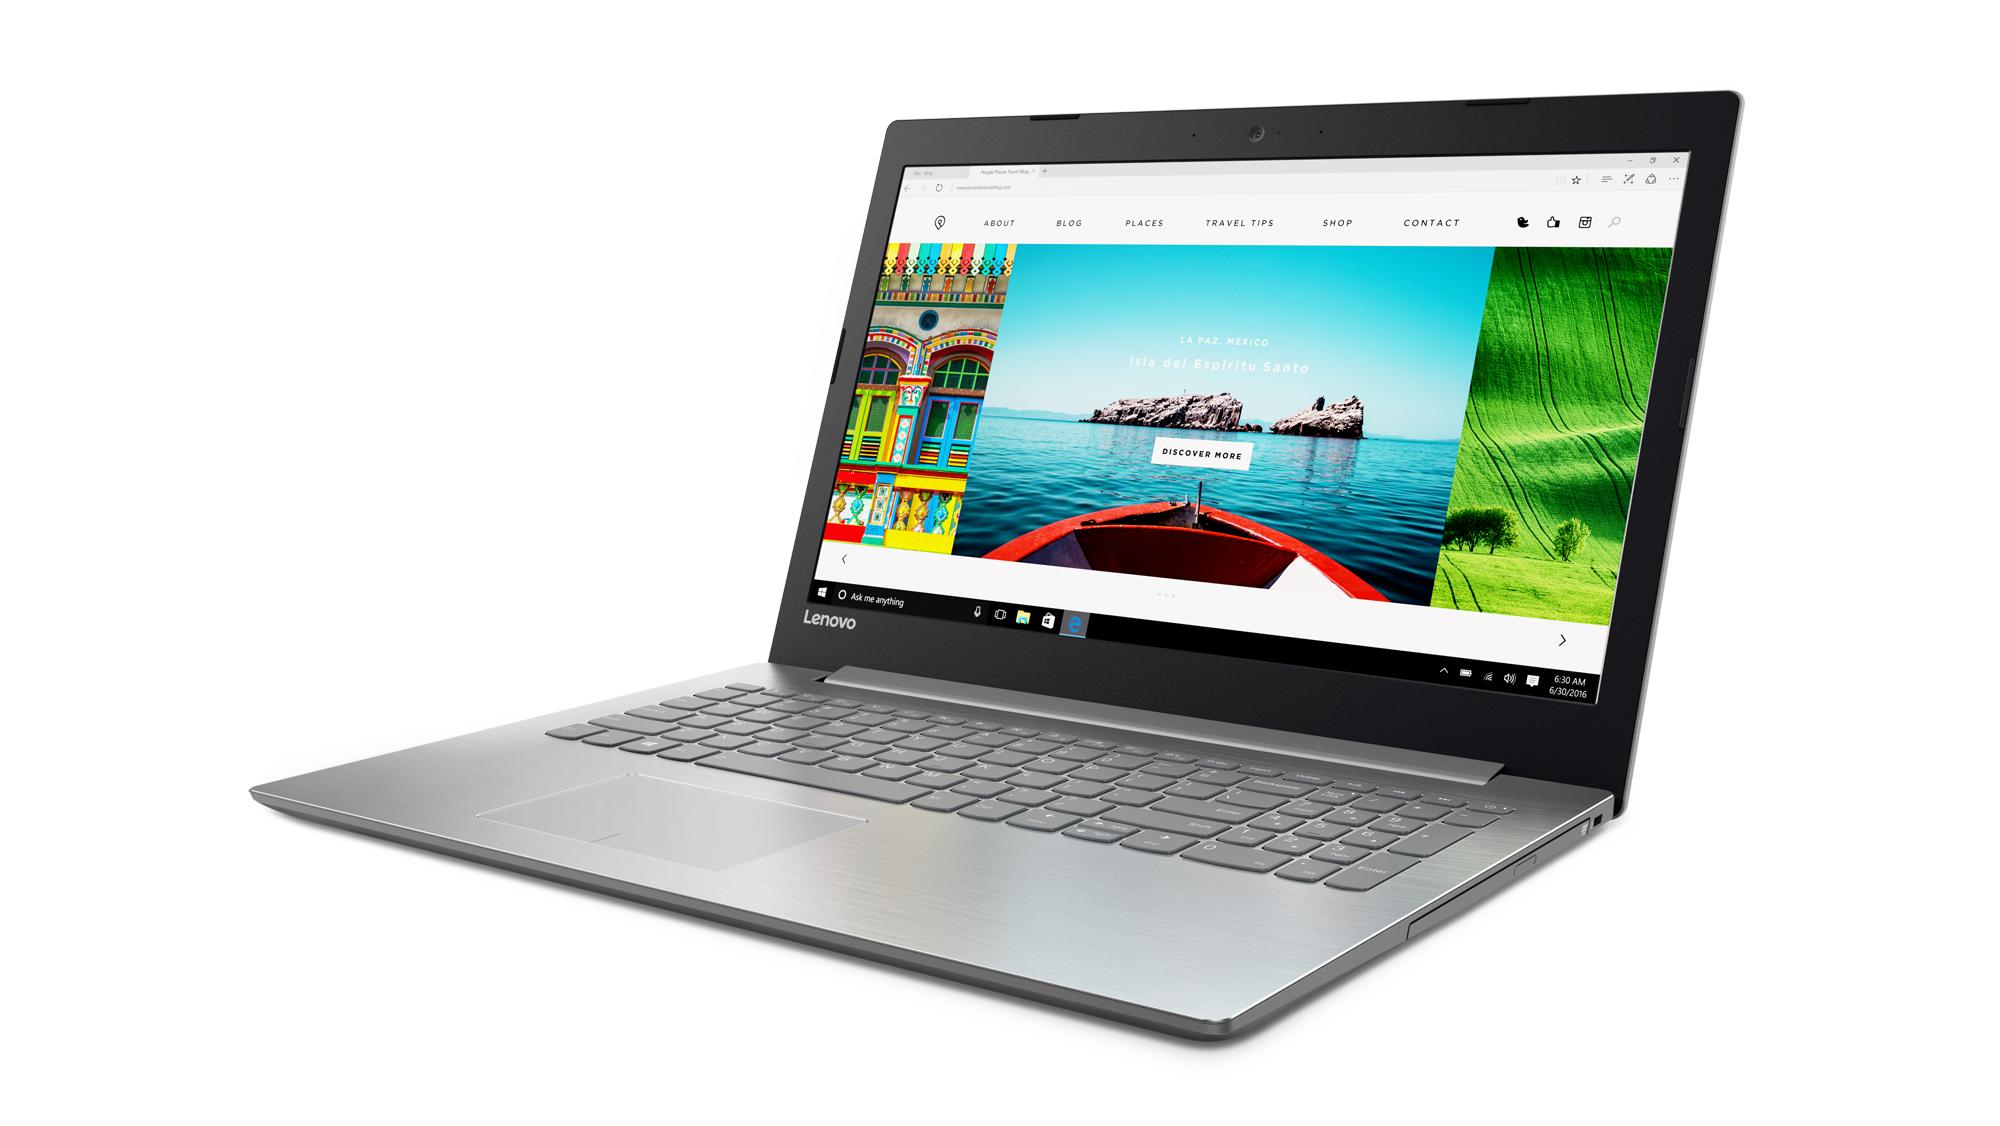 """Lenovo IdeaPad 320-15IKBRN i5-8250U 3,40GHz/4GB/1TB/15,6"""" FHD/AG/DVD-RW/WIN10 šedá 81BG000CCK"""